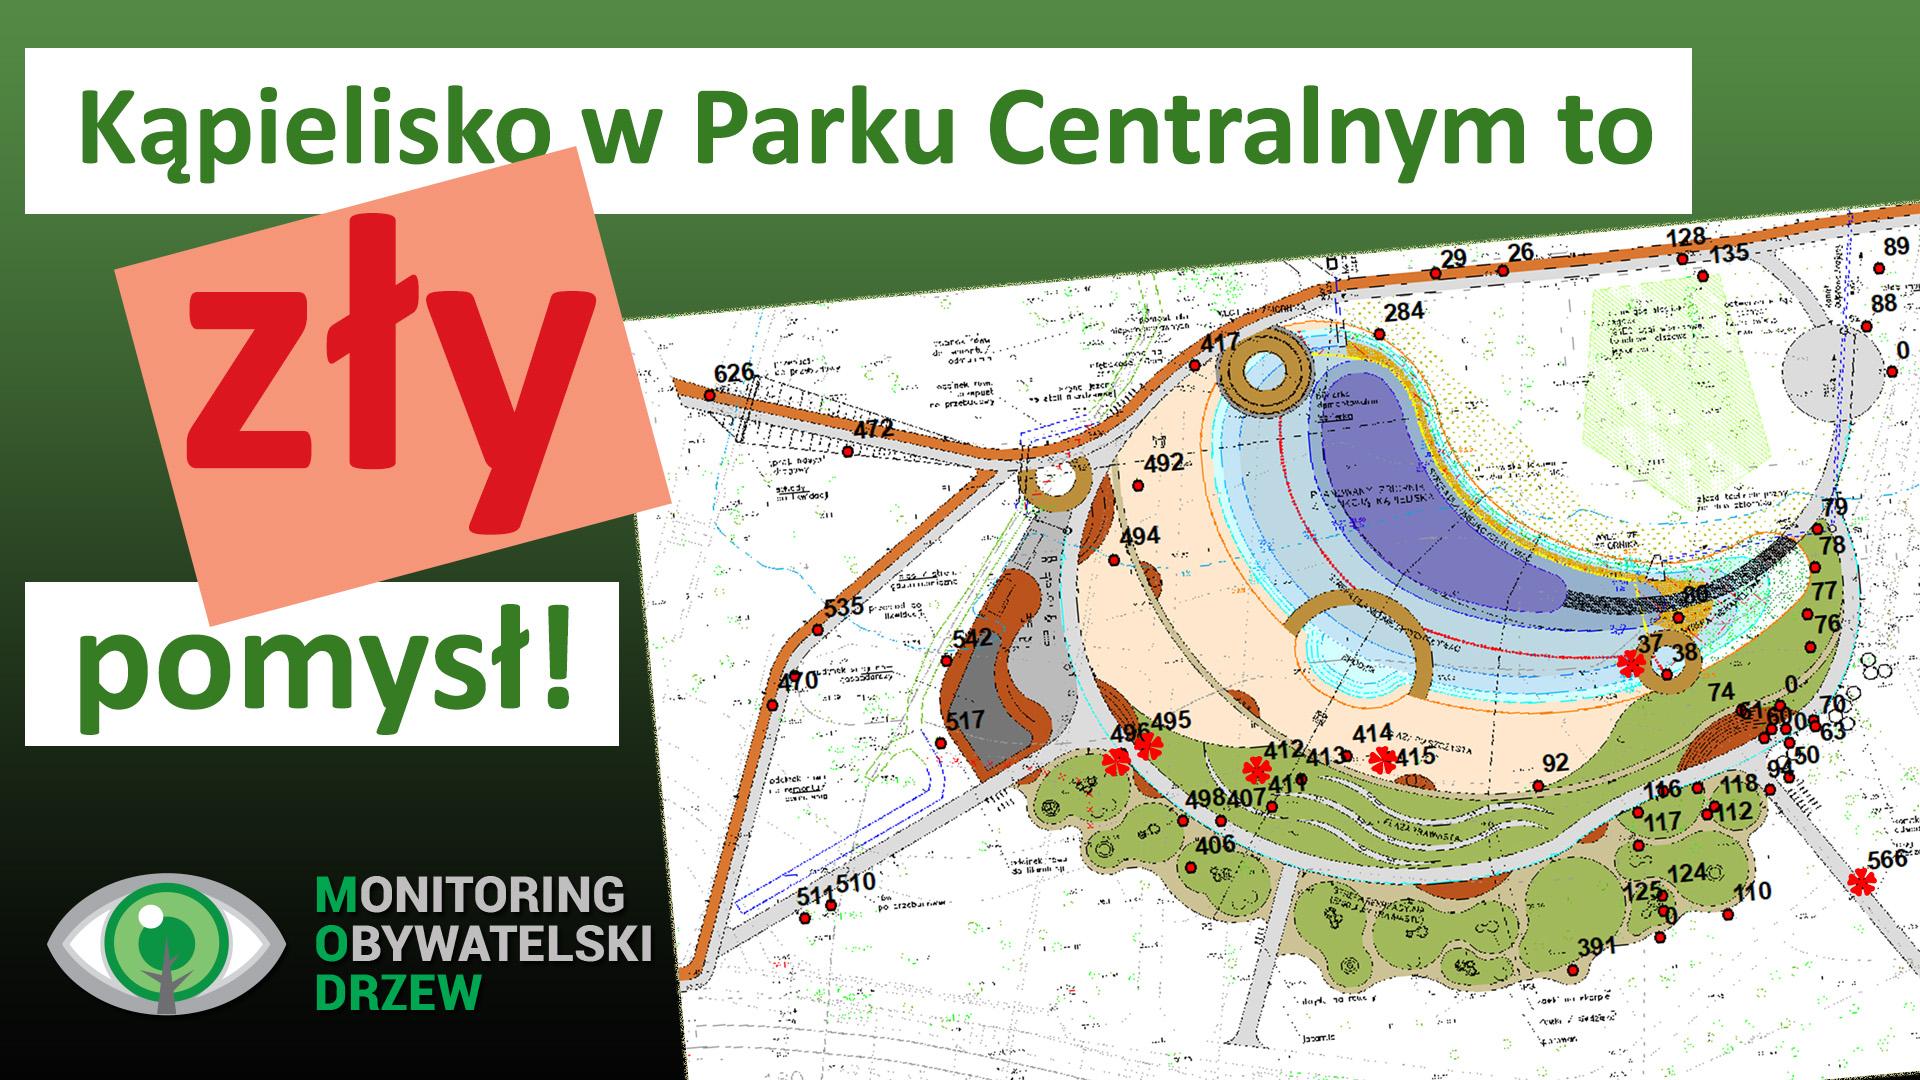 Dlaczego kąpielisko w Parku Centralnym to zły pomysł?